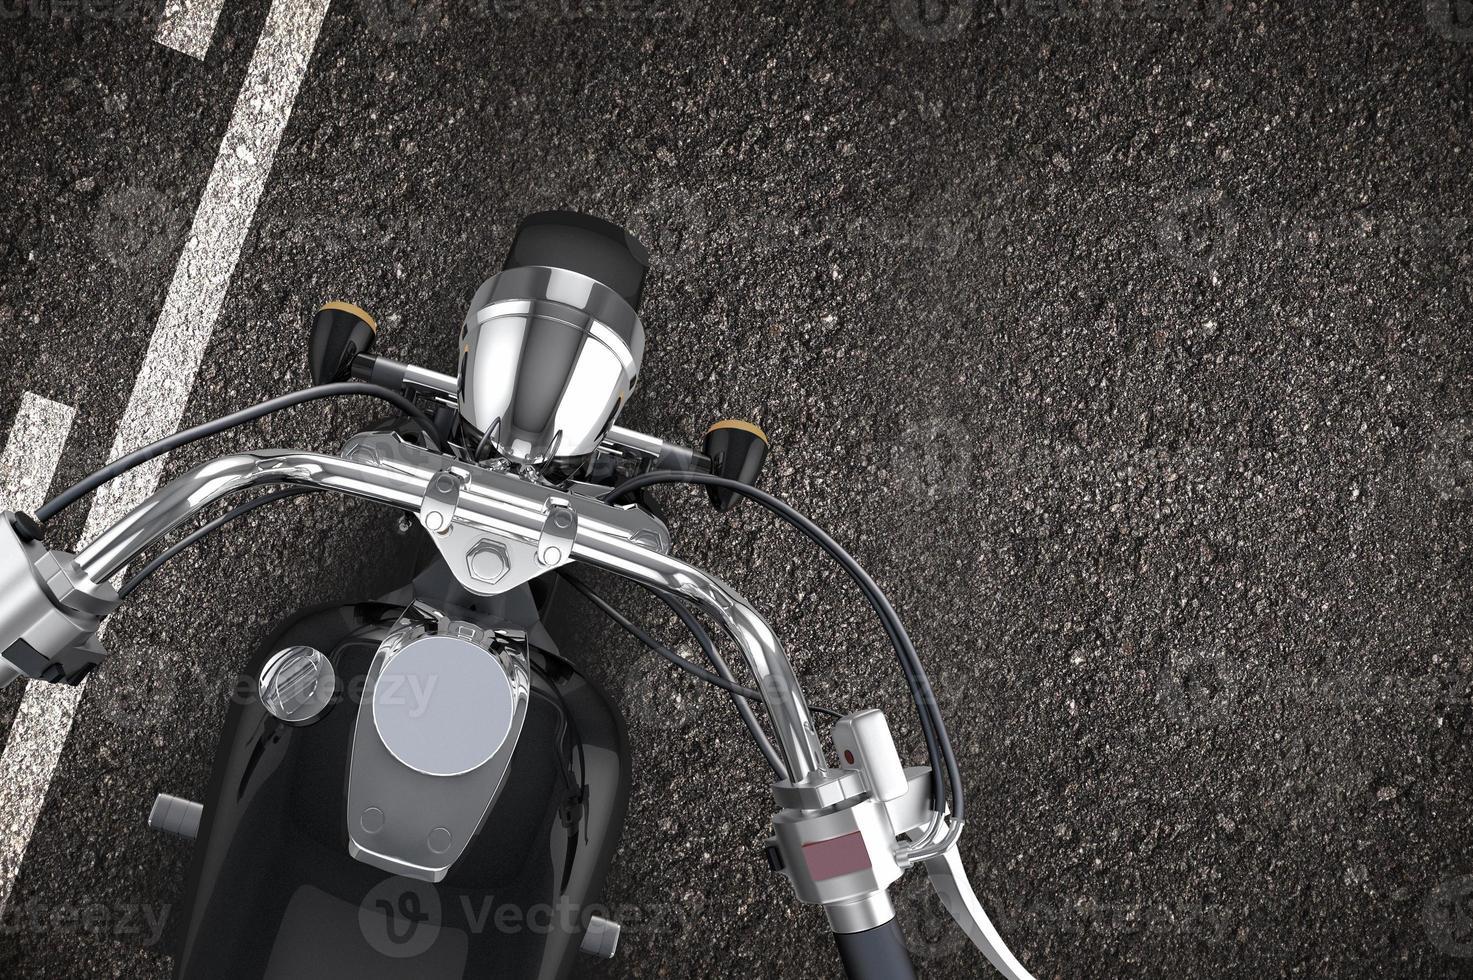 moto sulla strada foto